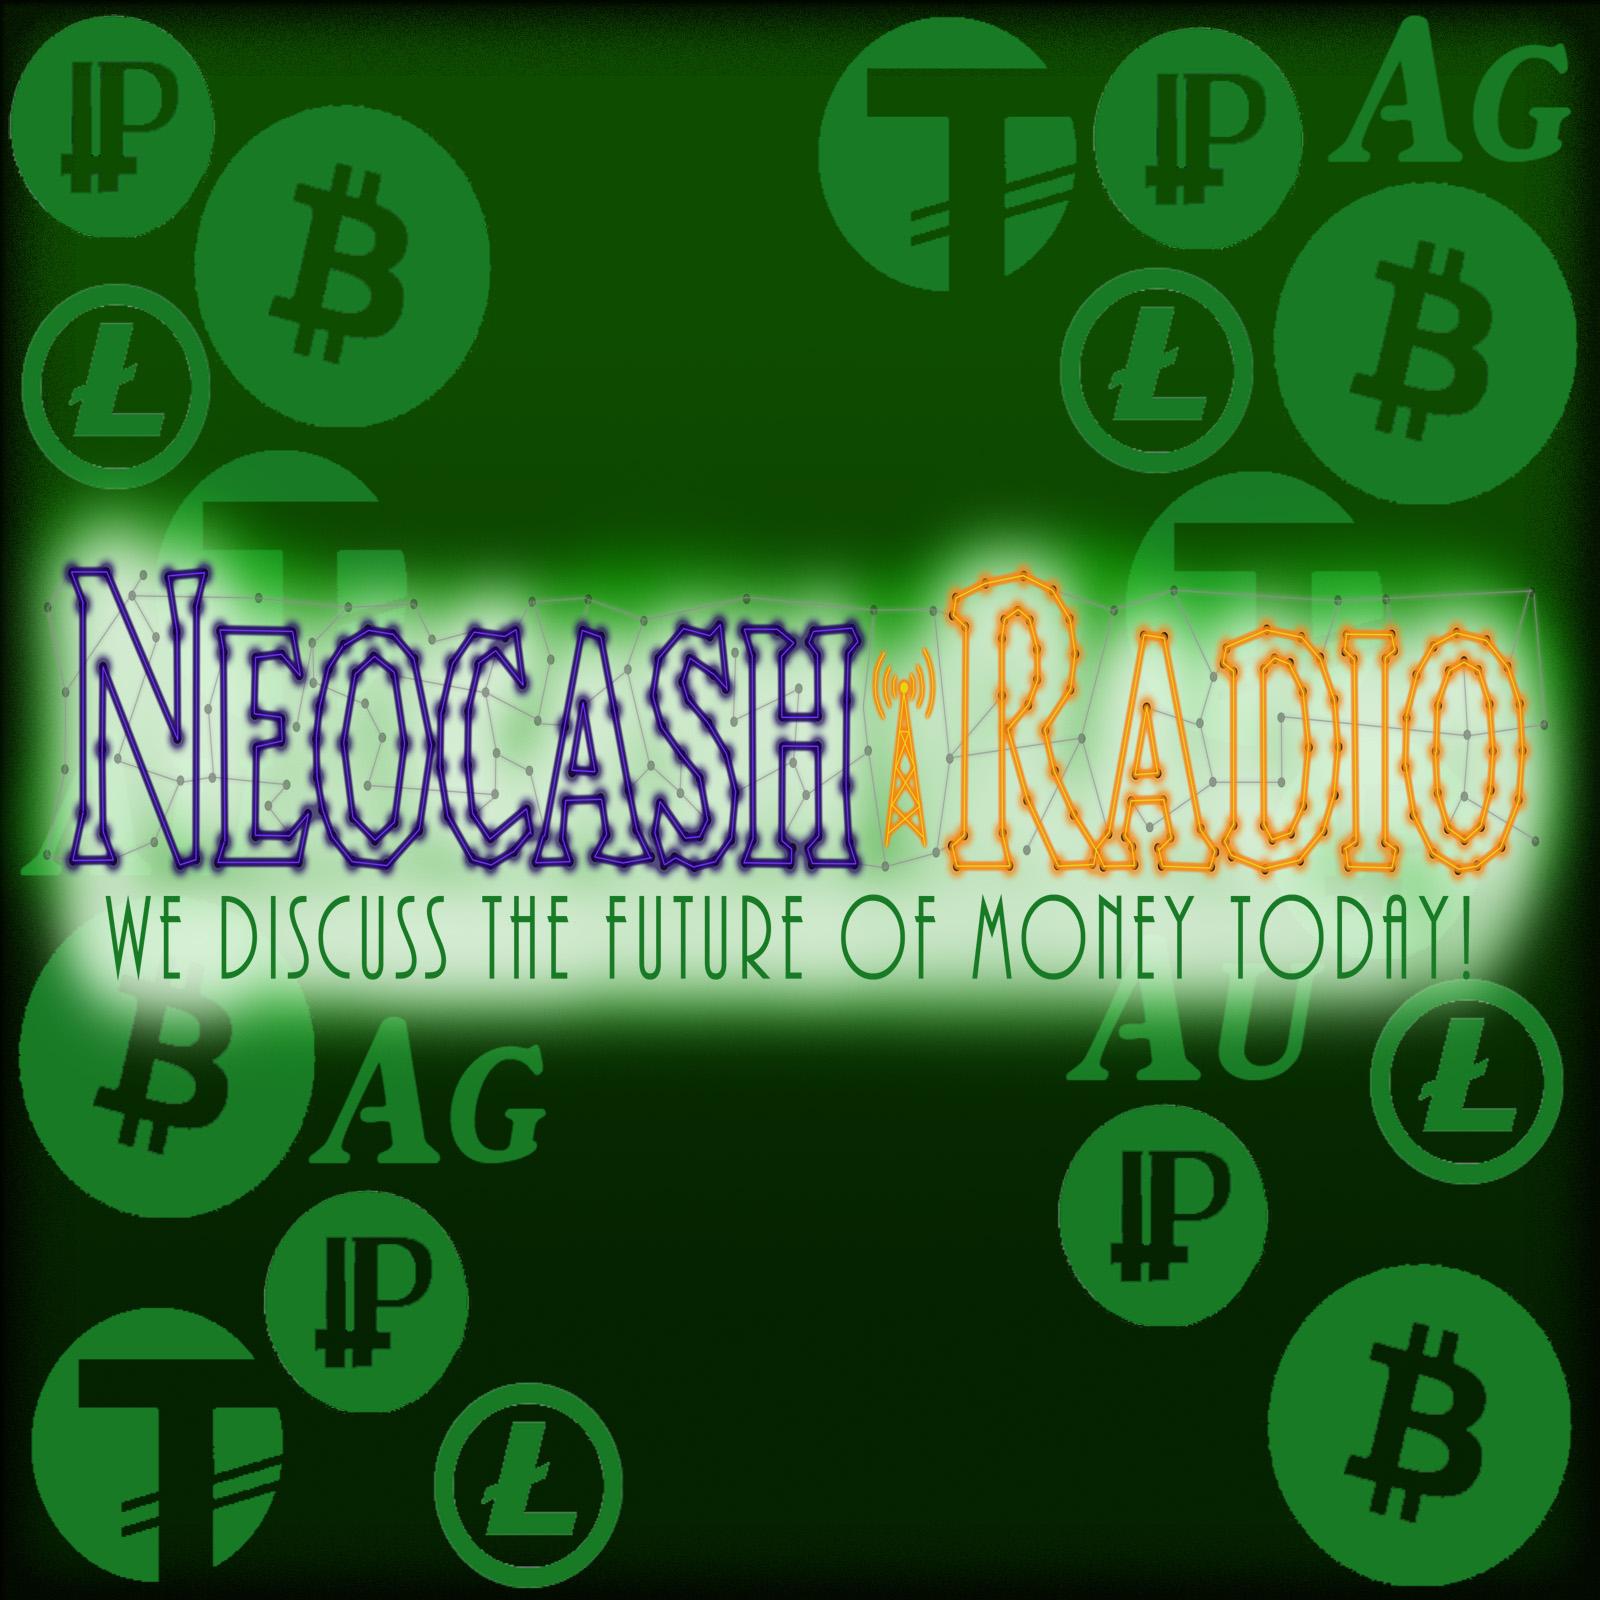 Neocash Radio - Episode 147